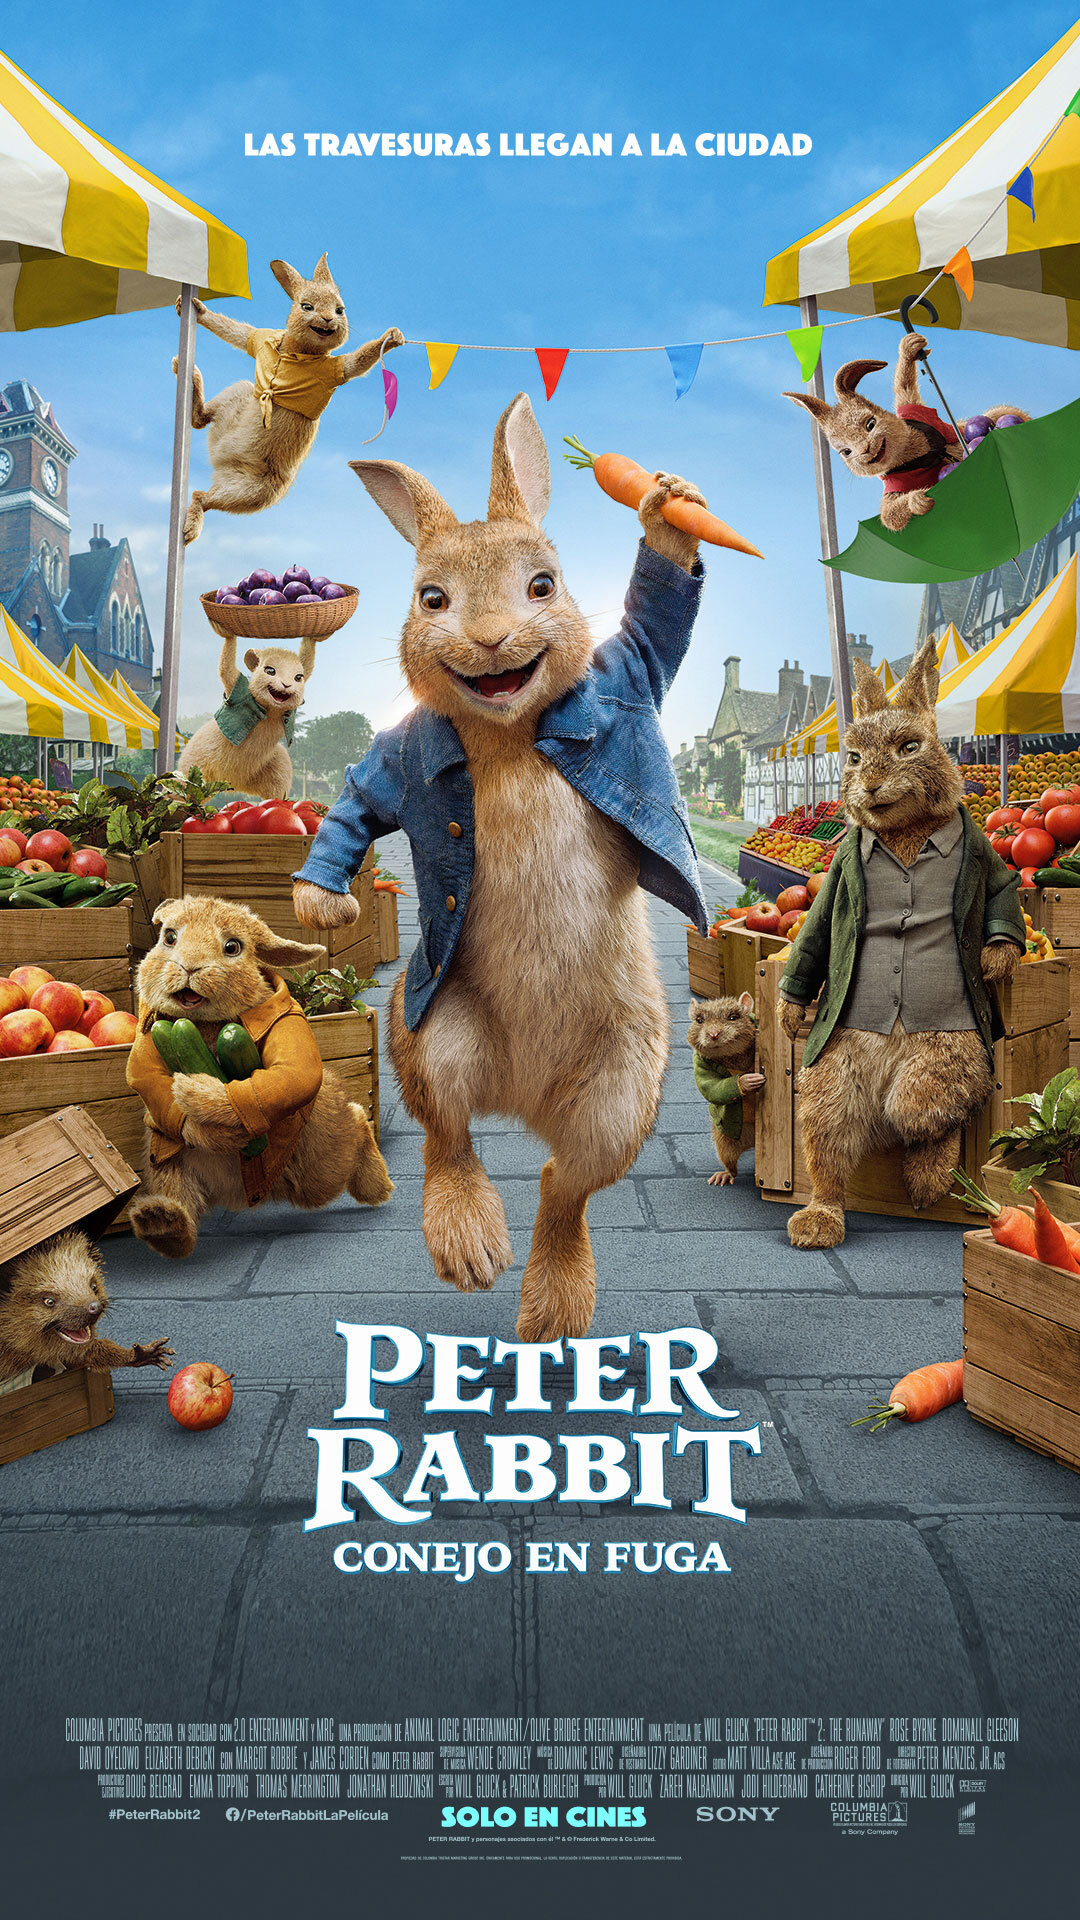 Peter Rabbit: Conejo en Fuga